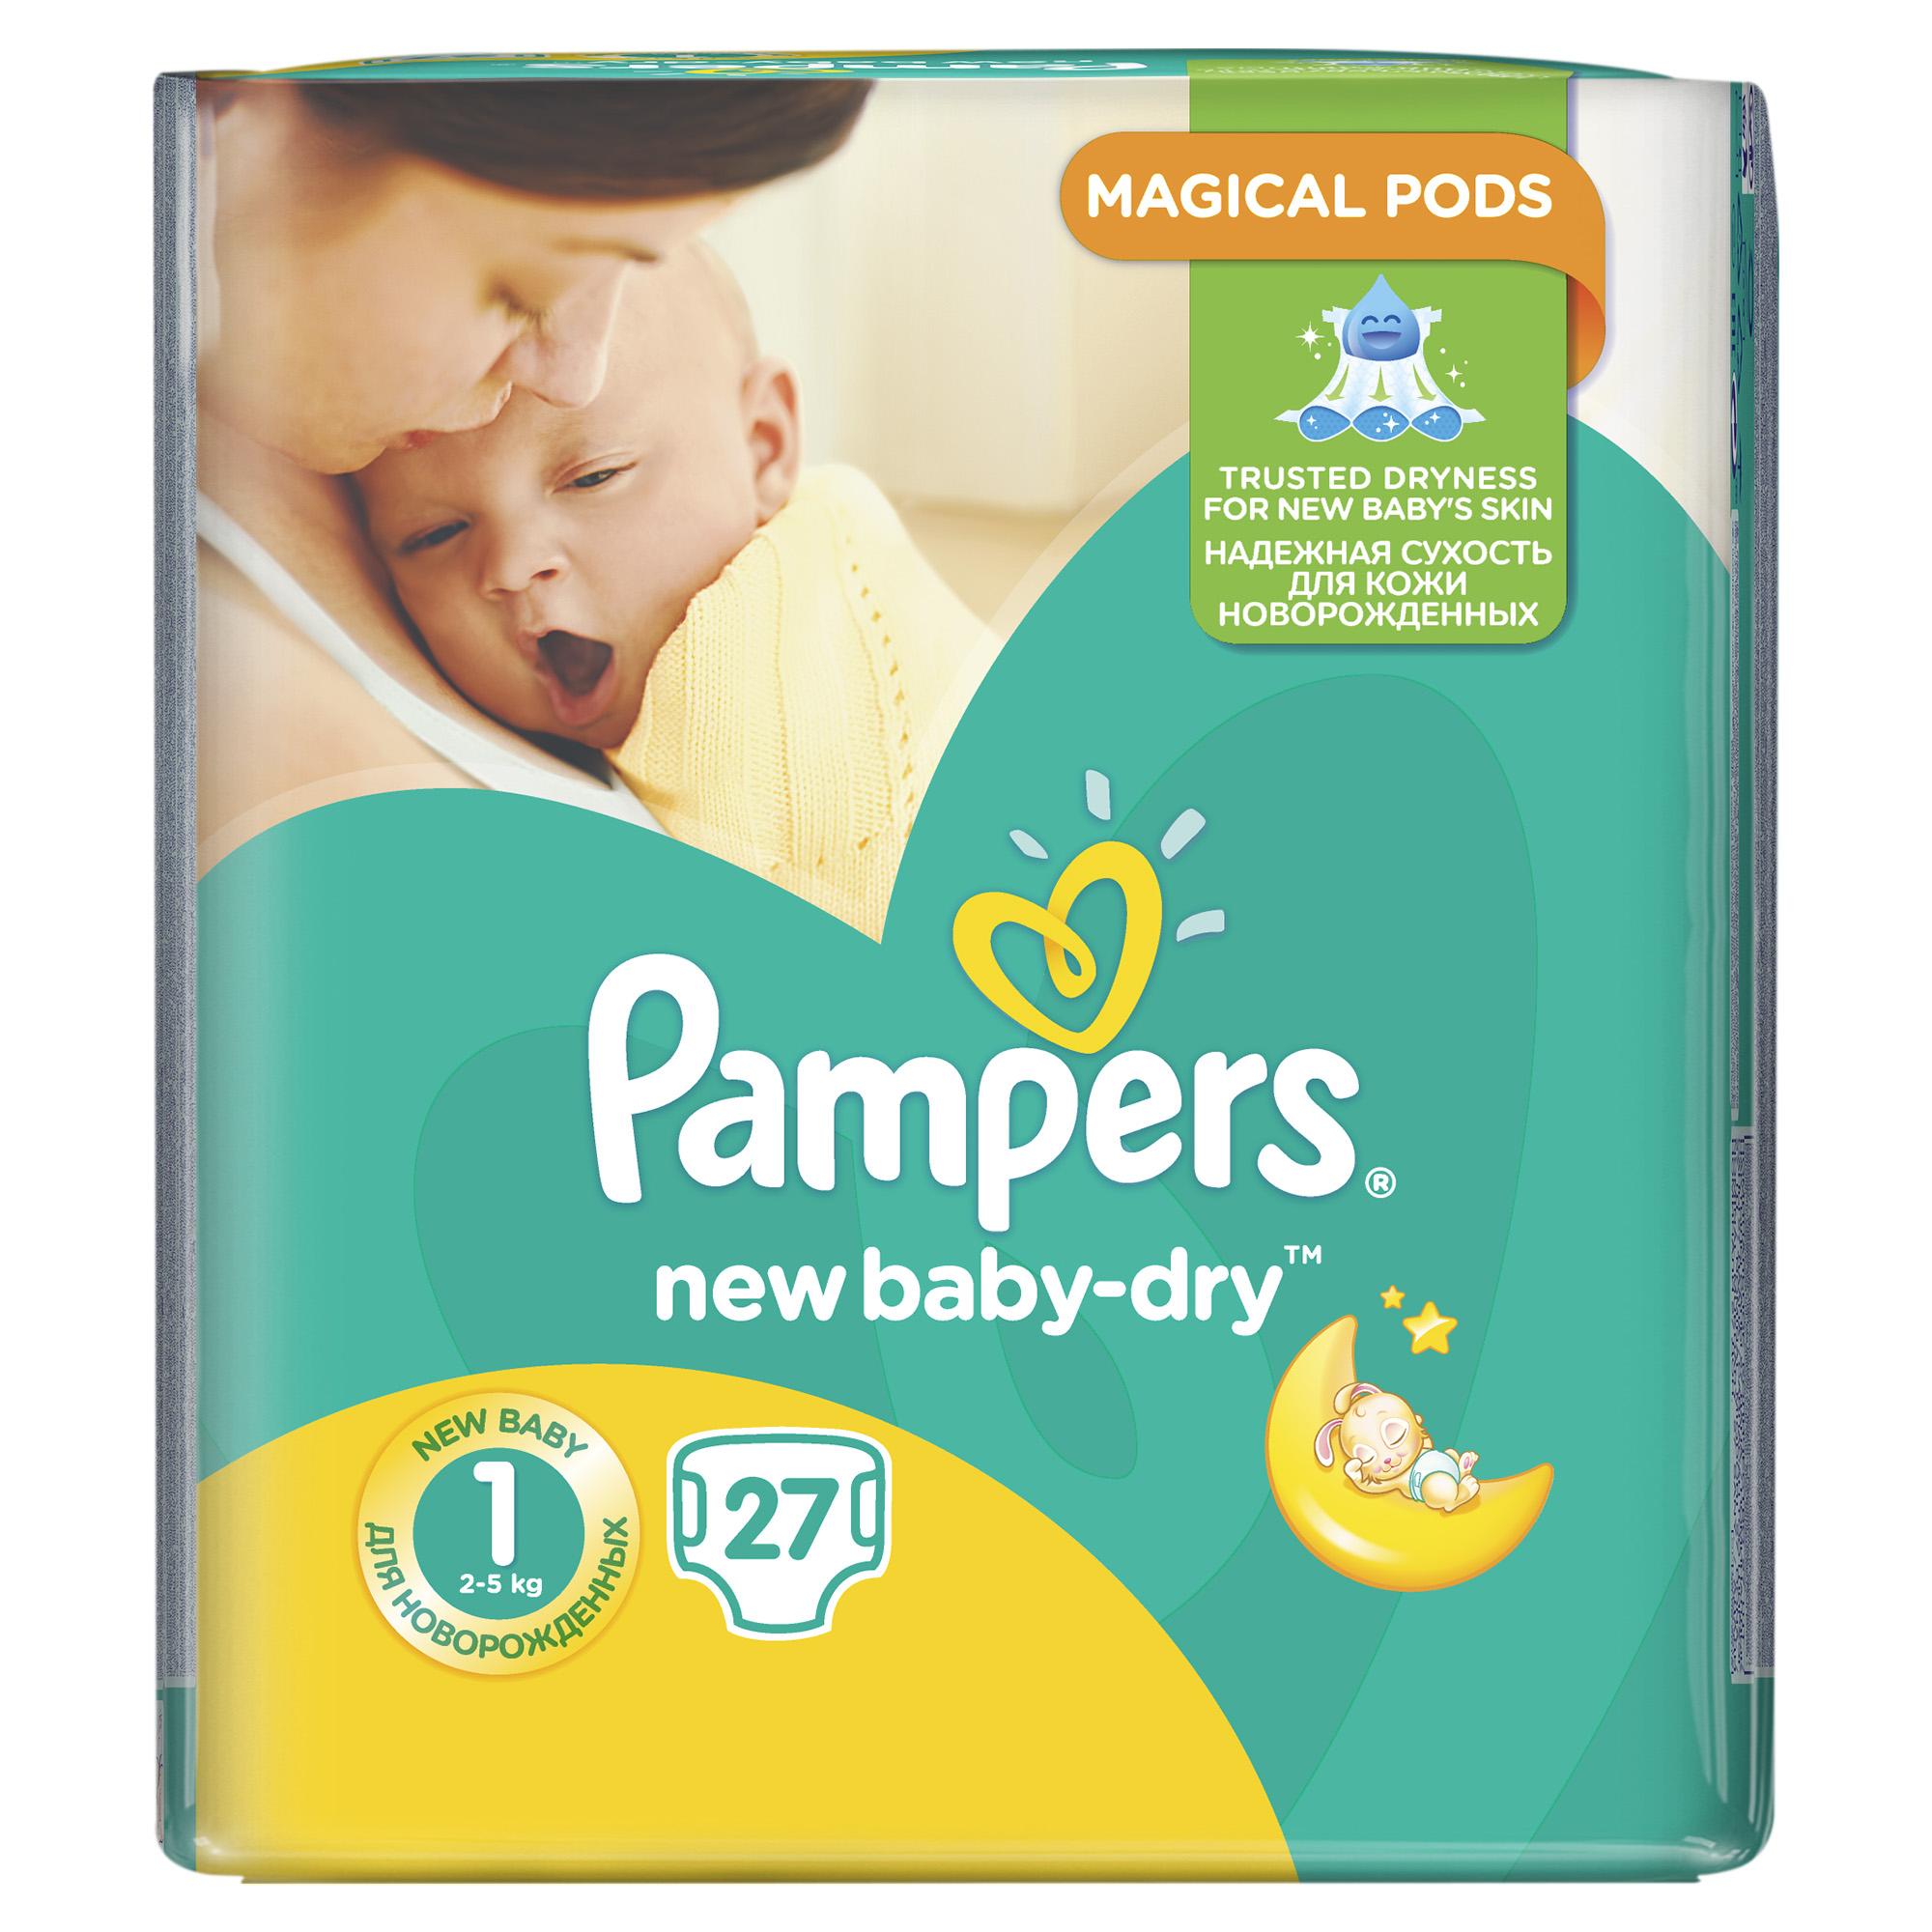 Памперсы для новорожденных: какие лучше, отзывы и рейтинг